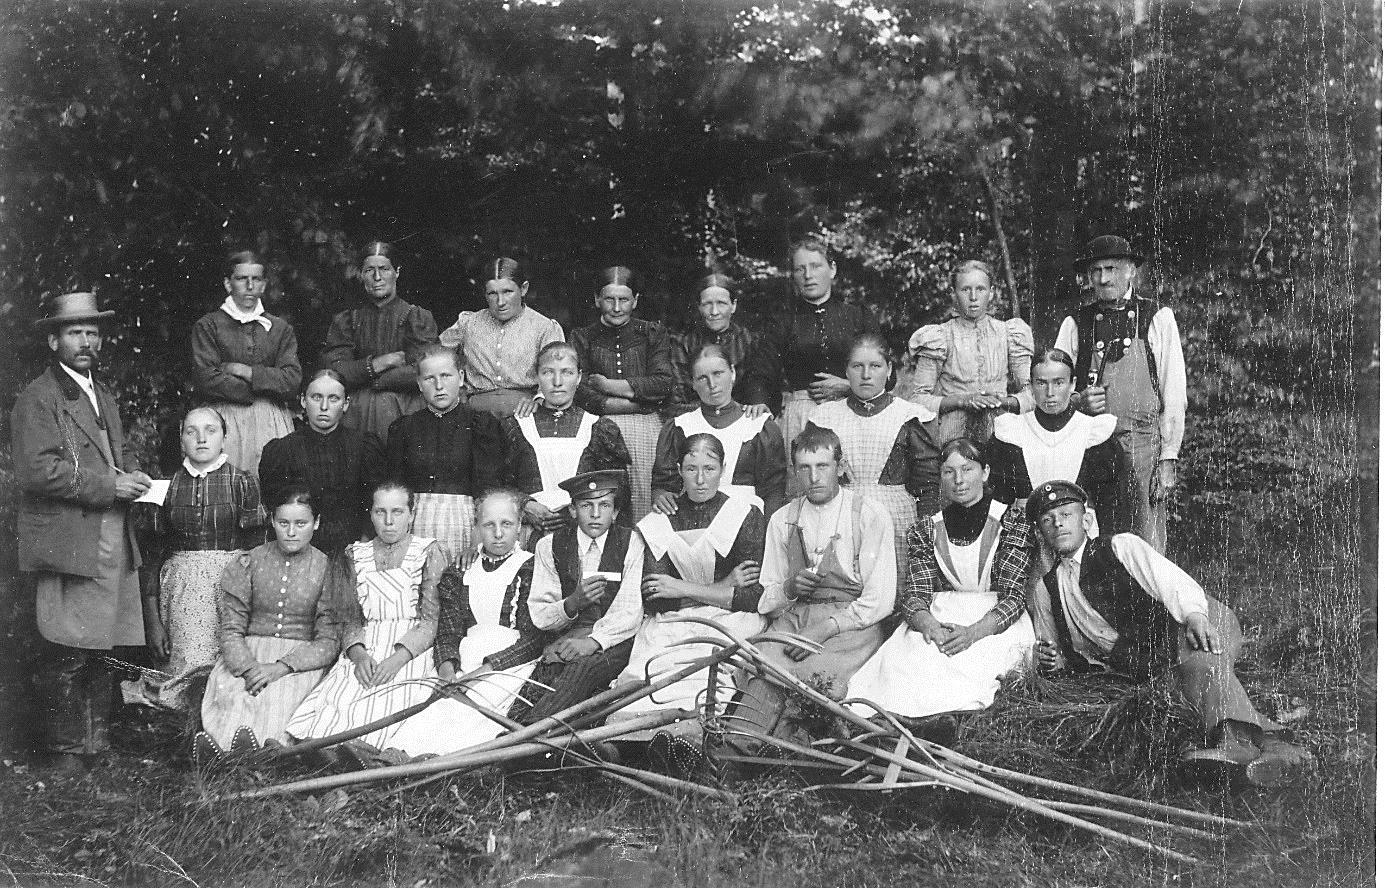 Das Personal des Brauereipächters Johann Link (ganz links stehend) um 1900, Bild: Georg Brummer